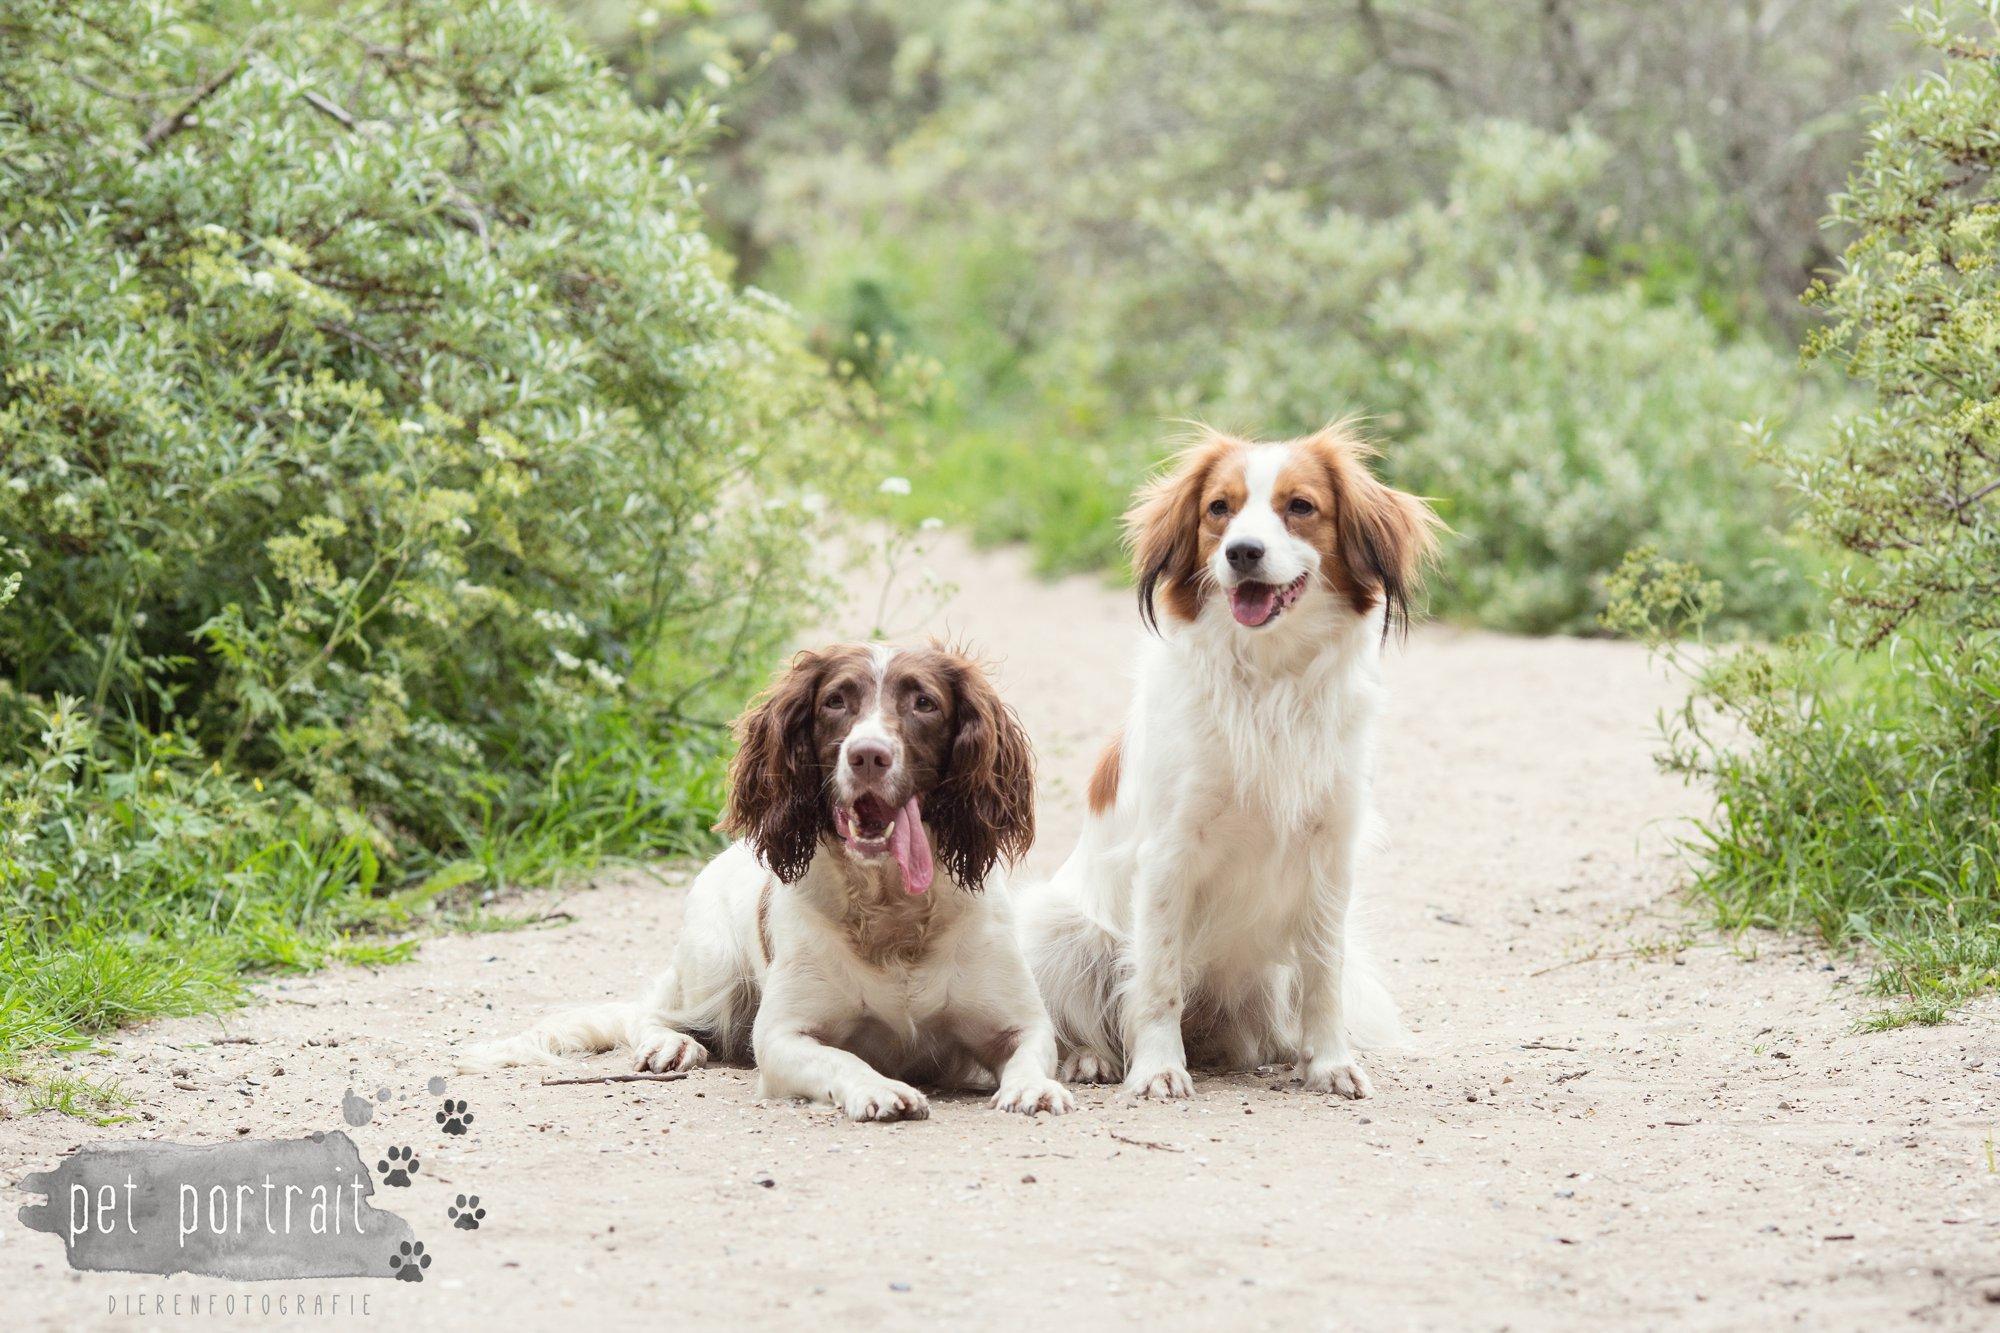 Hondenfotograaf Noordwijk - Springer Spaniel en Kooikerhondje-11